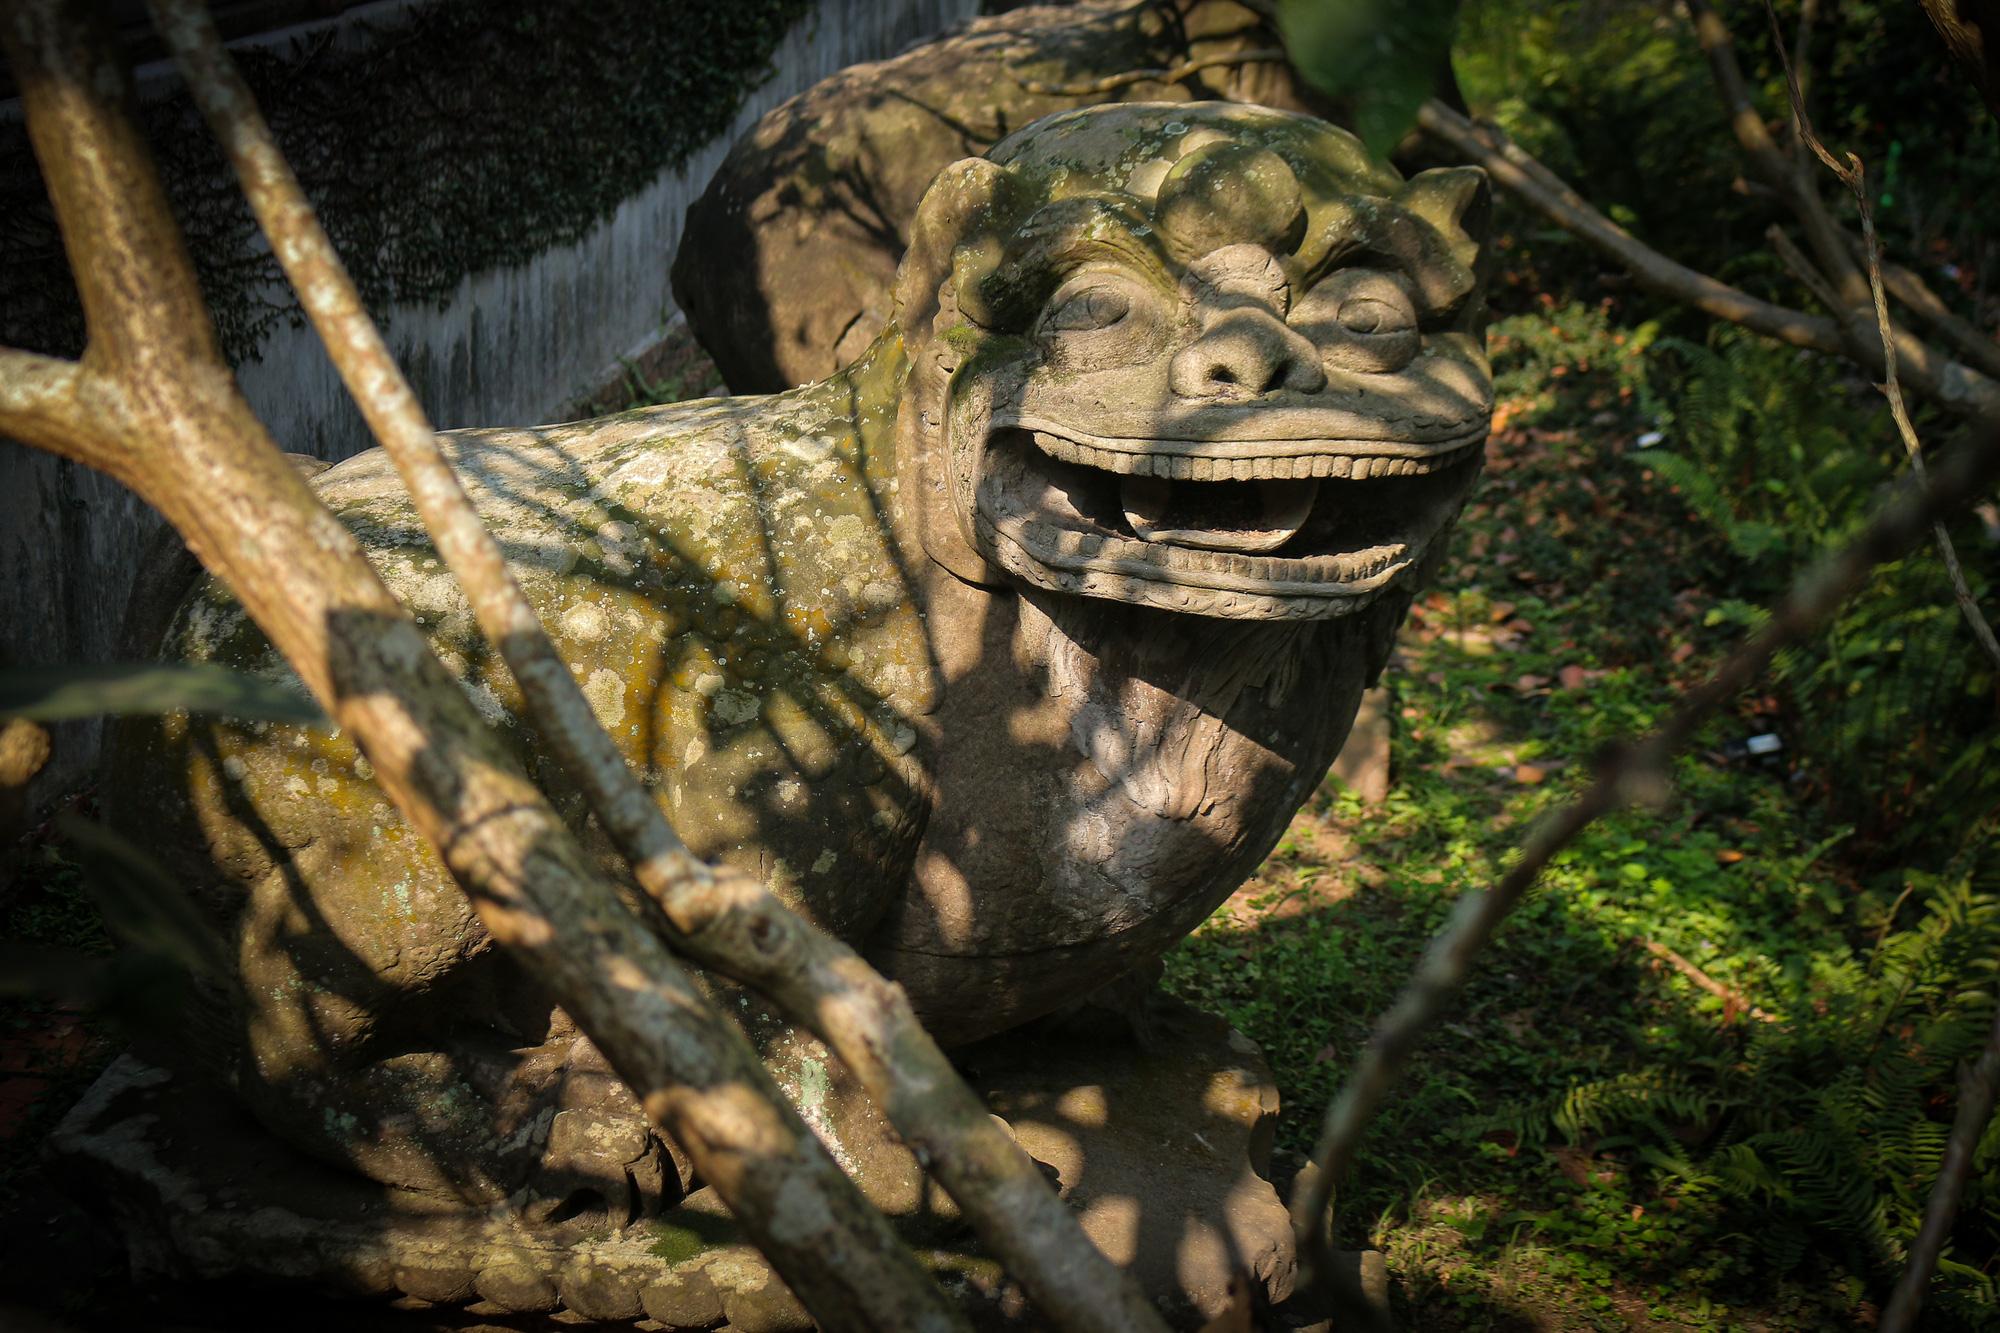 Bất ngờ ý nghĩa thực sự của bộ tượng linh thú nghìn tuổi ở chùa Phật Tích - Ảnh 7.